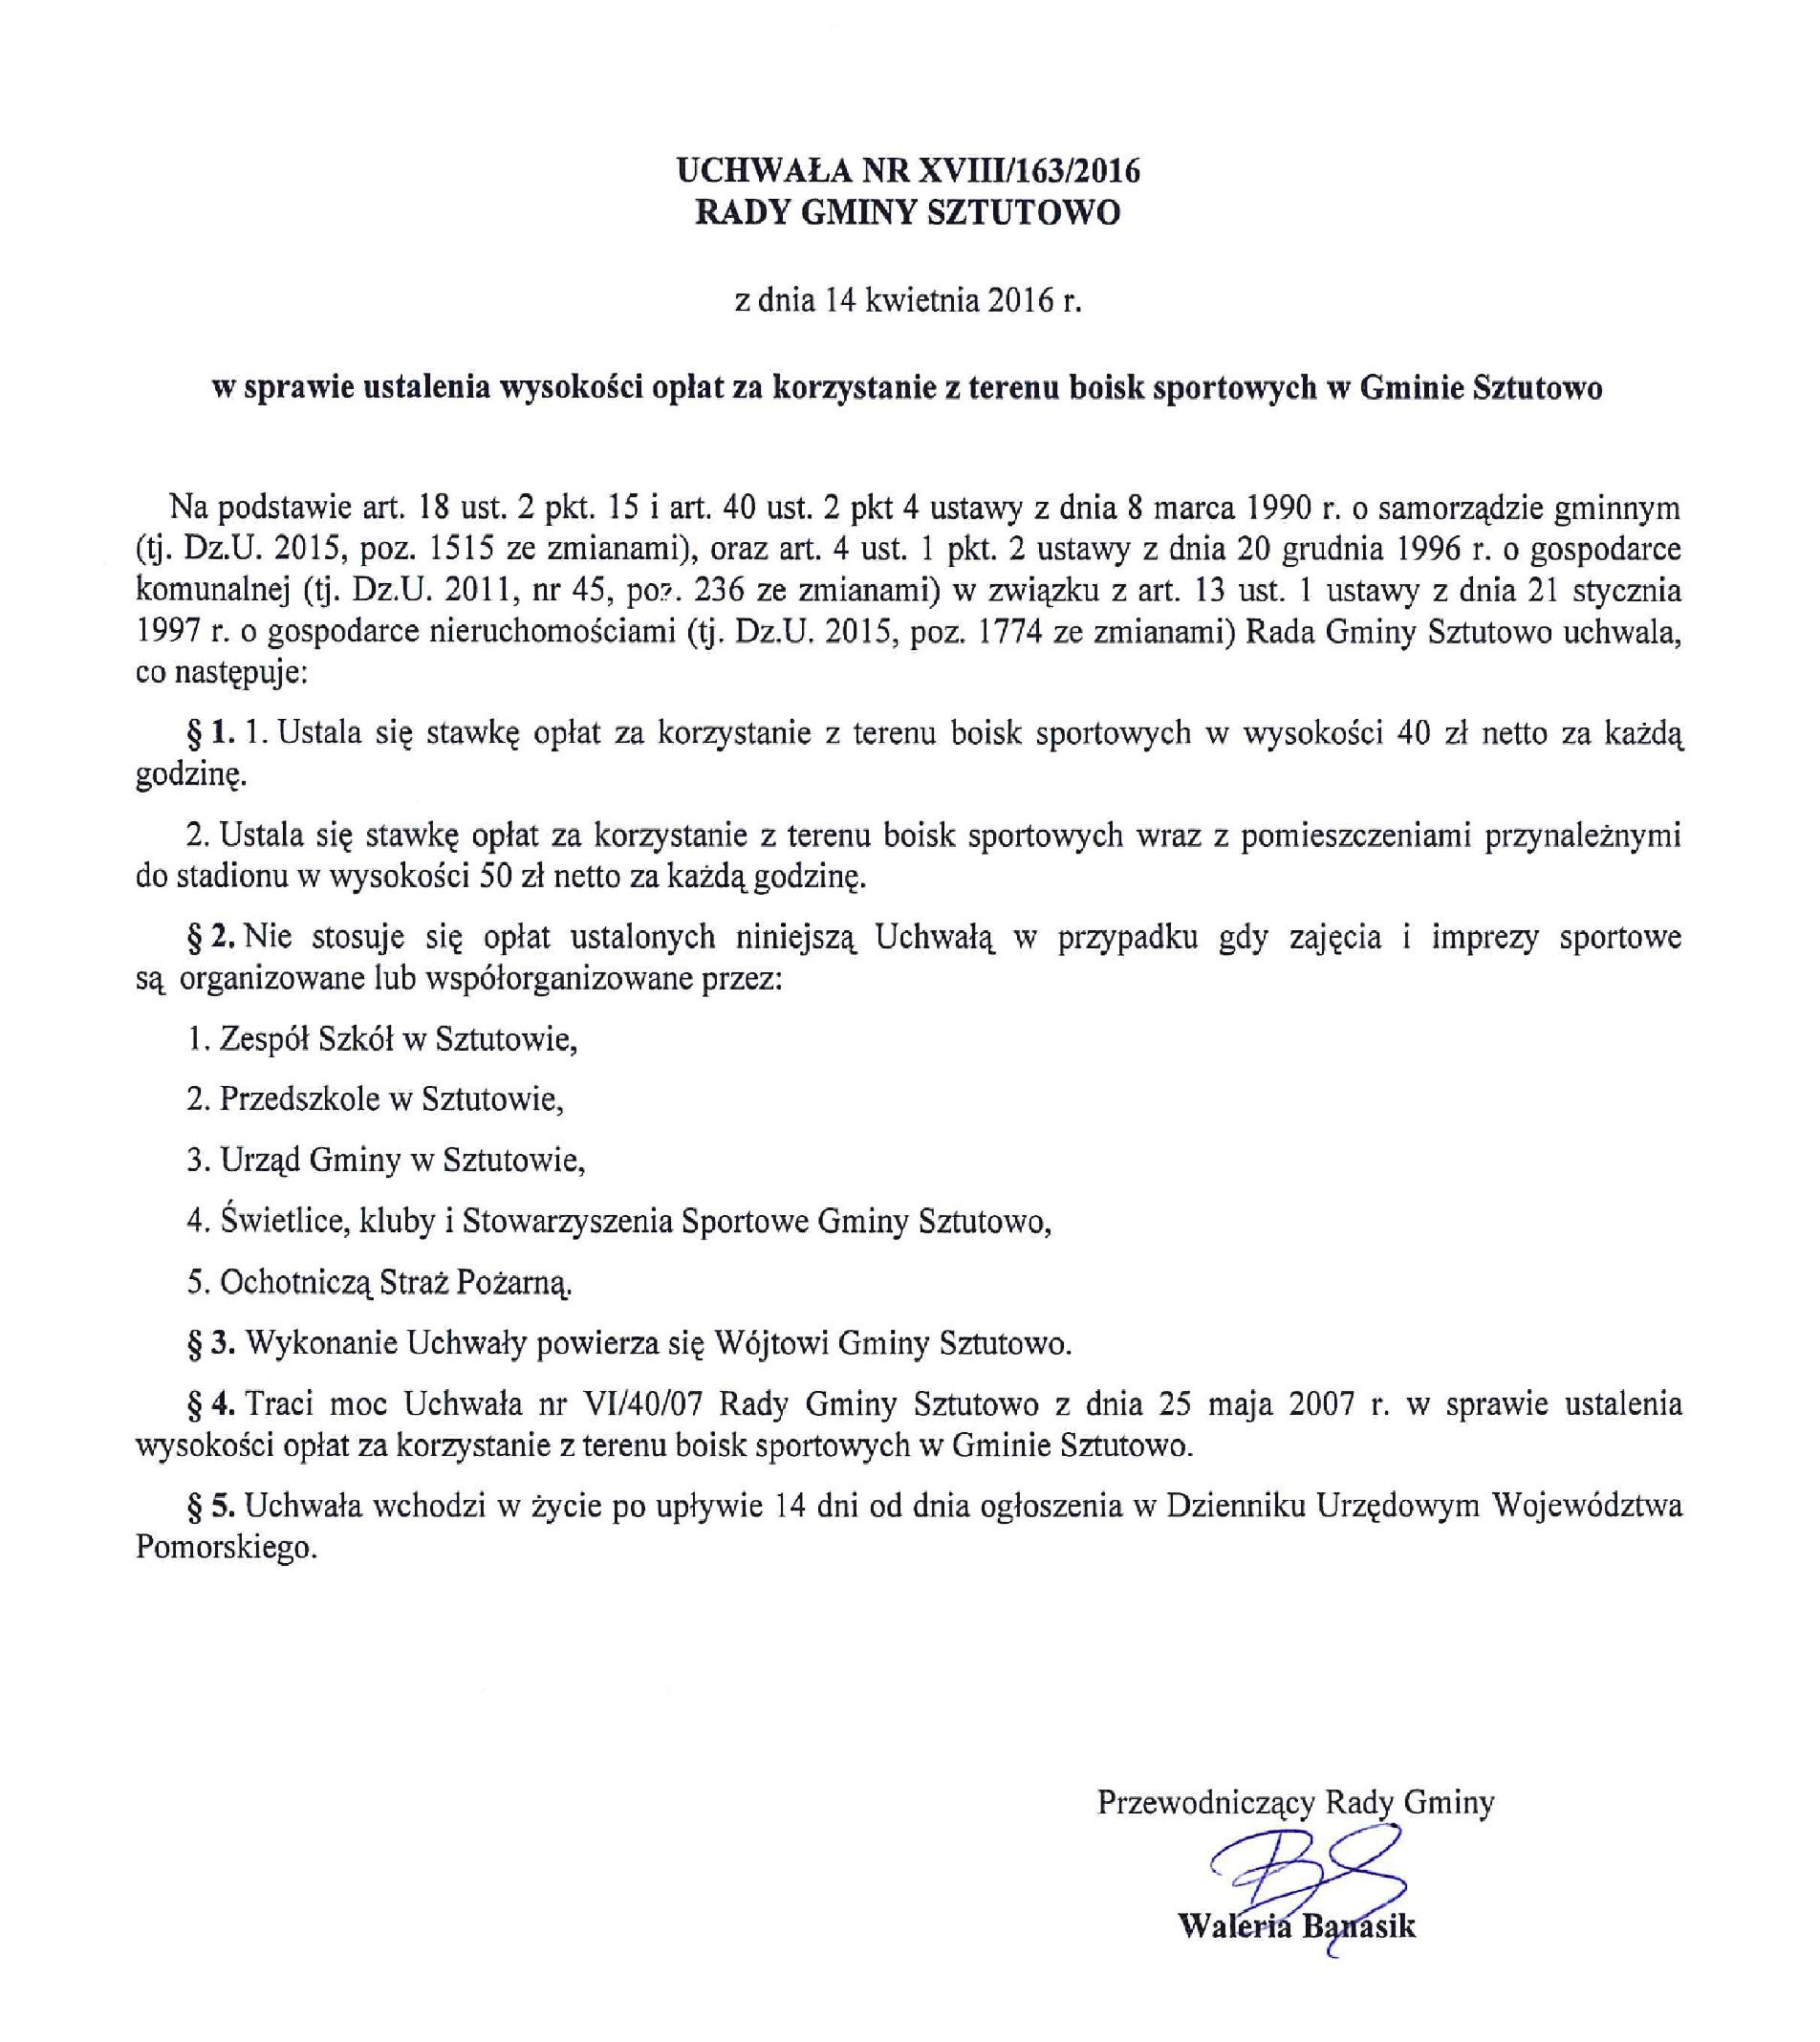 Uchwała Rady Gminy Sztutowo w sprawie opłat za boisko sportowe z dnia 14.04.2016